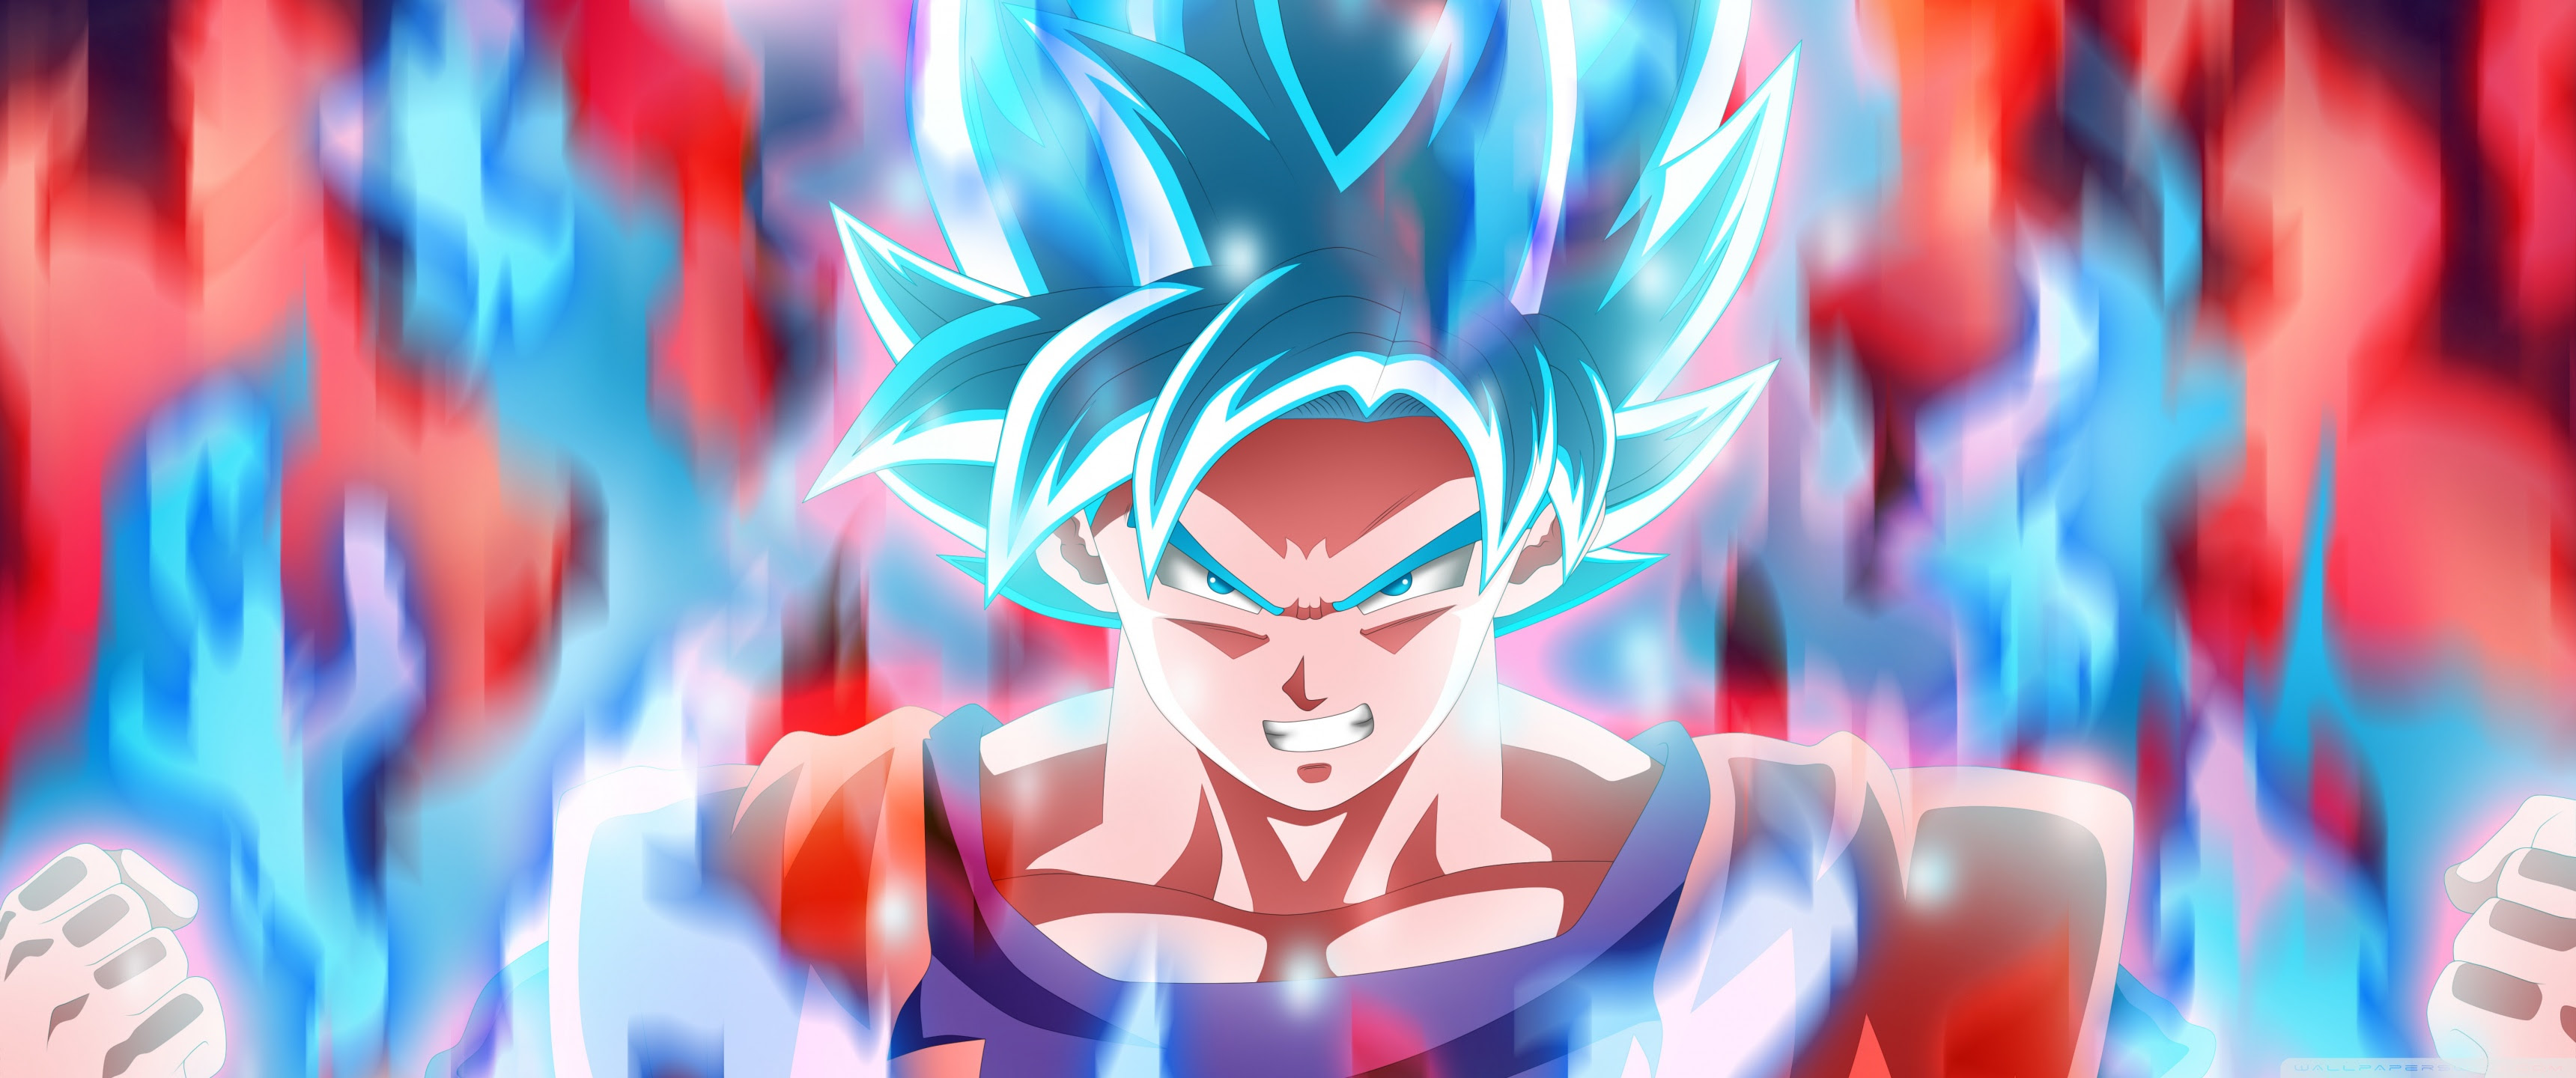 Goku Dragon Ball Super Ultra Hd Desktop Background Wallpaper For